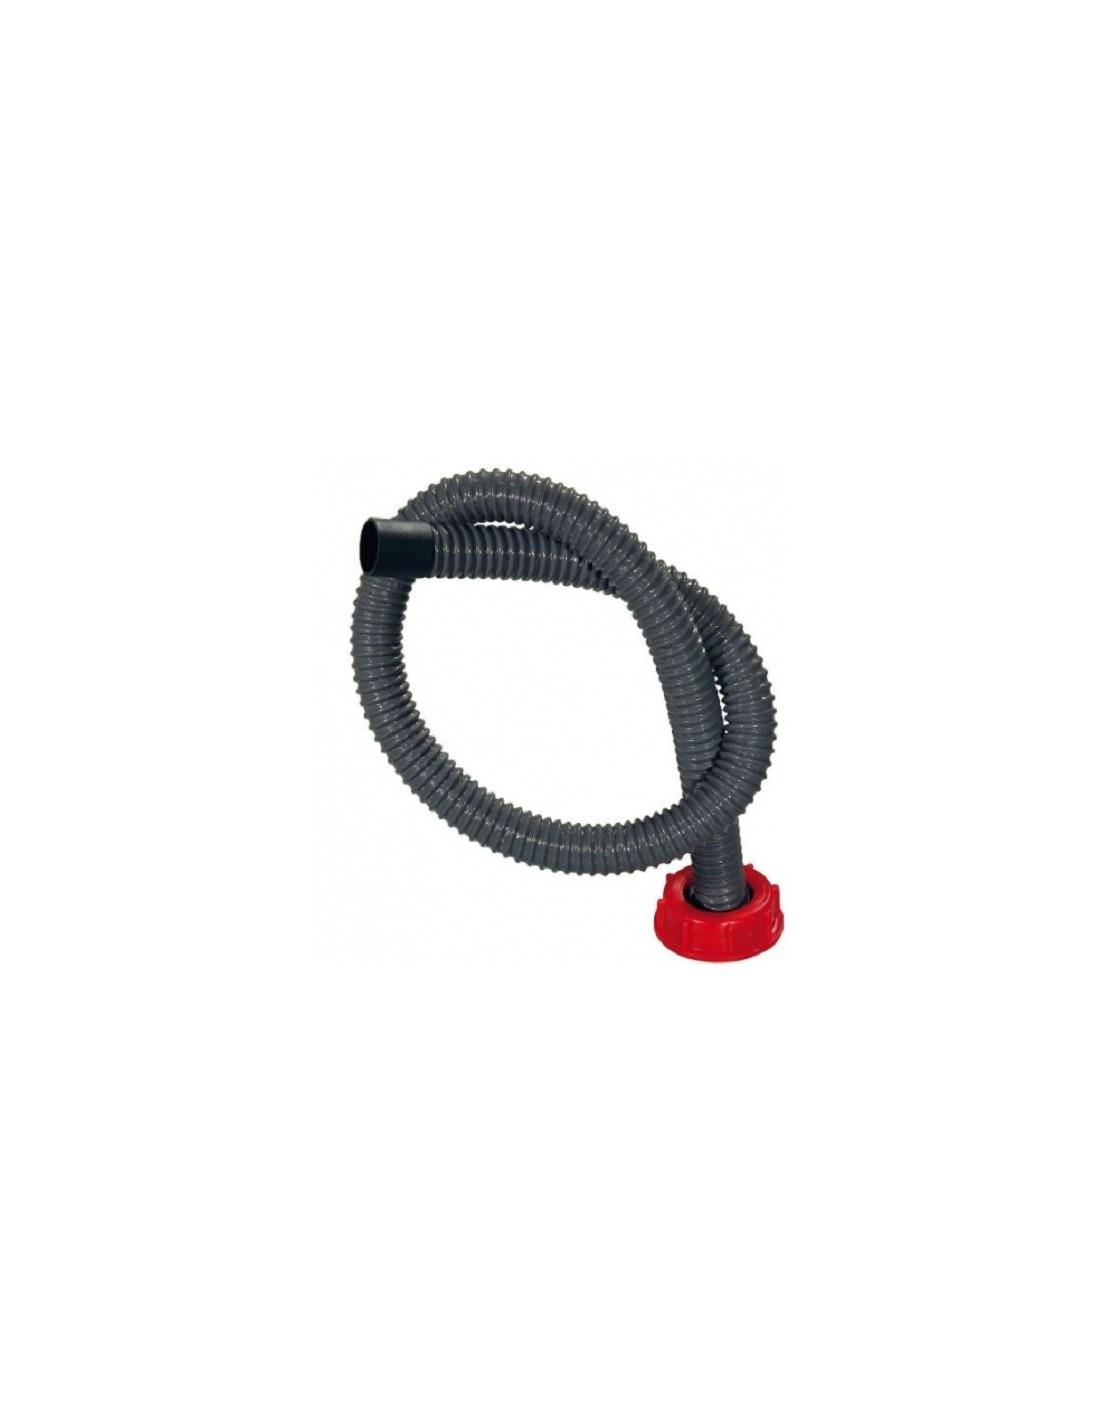 Tubo corrugado de 1 metro con tap n din 61 para bid n for Tubo corrugado reforzado